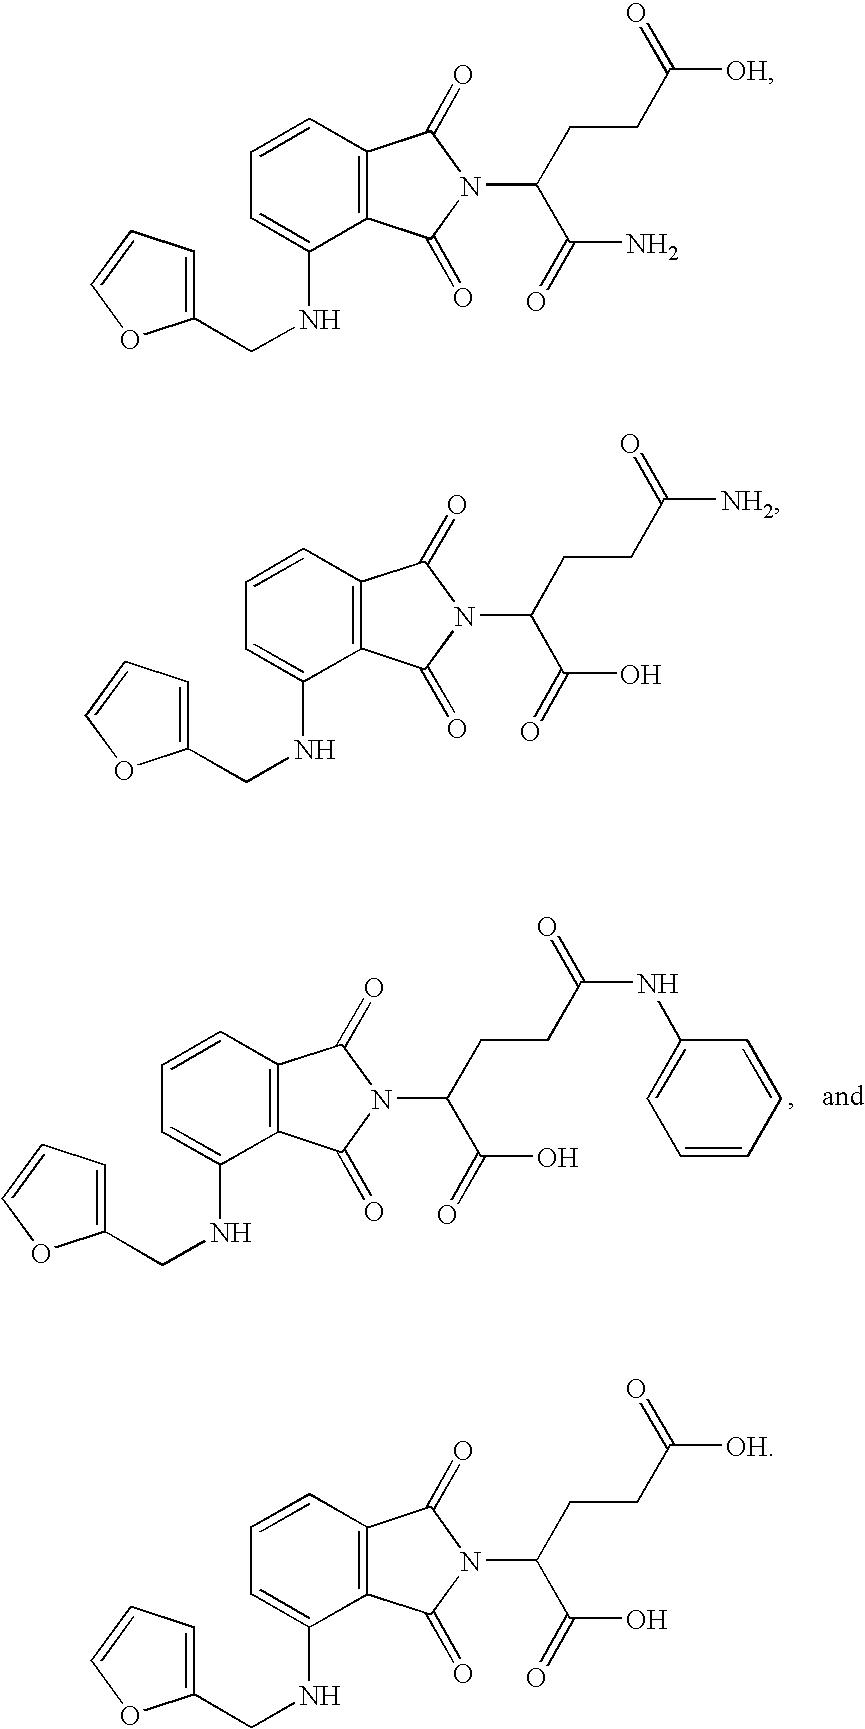 Figure US09725694-20170808-C00073